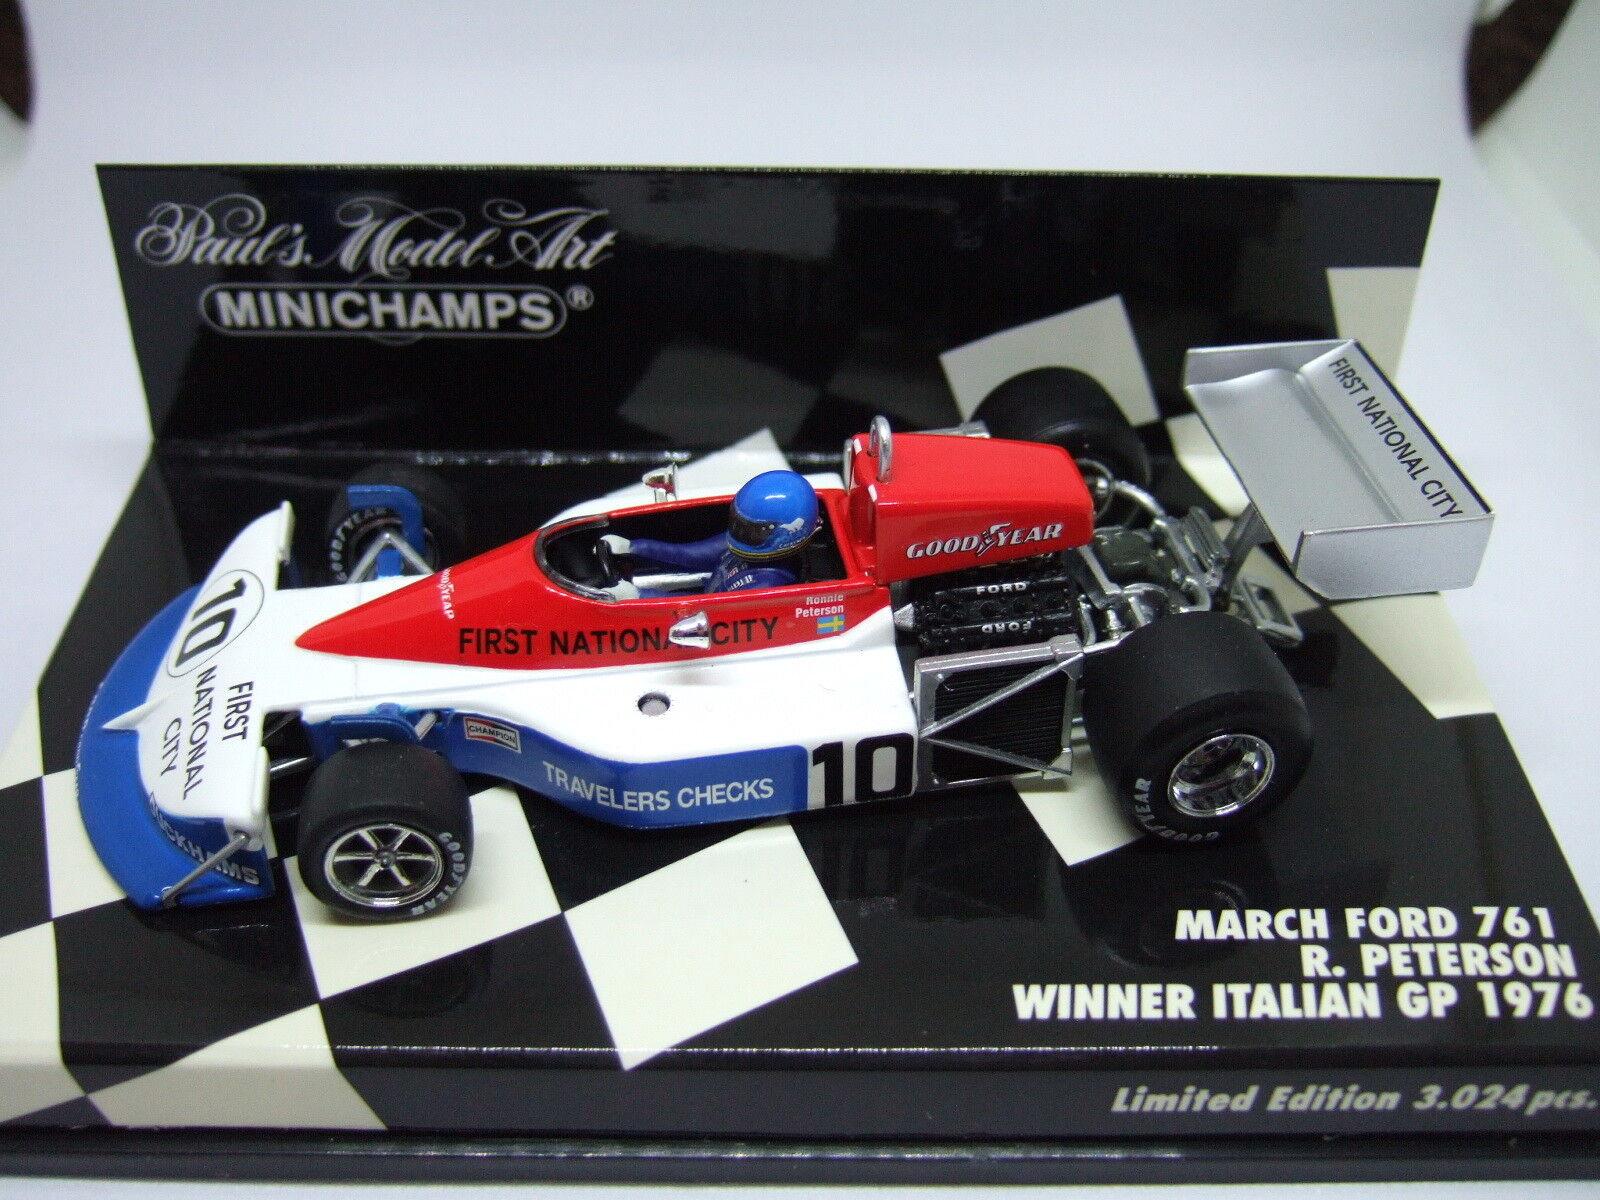 Minichamps Ronnie Peterson marzo Ford 761 italiano GP ganador 1976 1 43